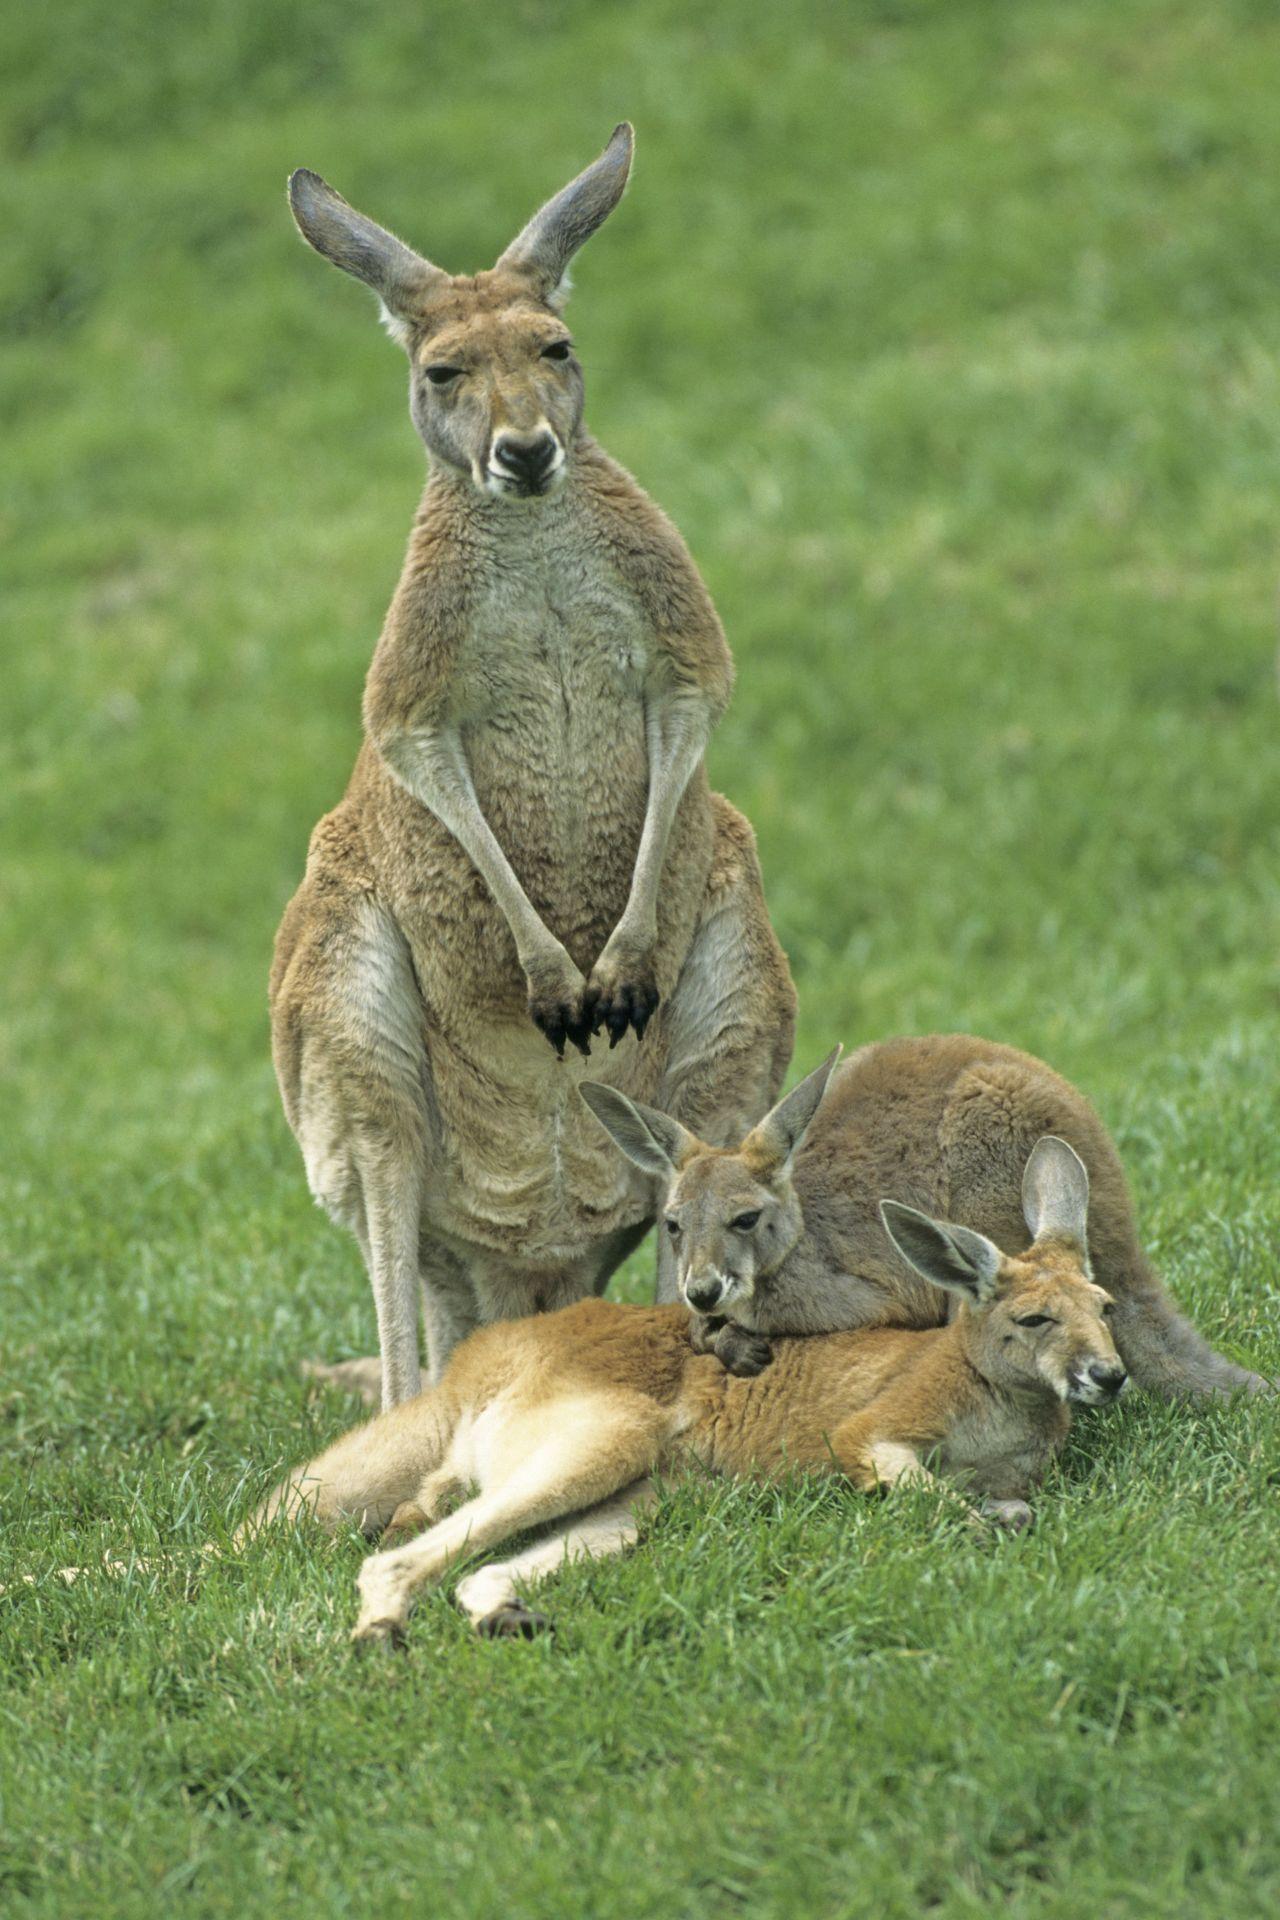 Kängurus in Australien fressen absichtlich Mohn. High vom enthaltenen Morphin, hüpfen sie anschließend im Kreis herum.